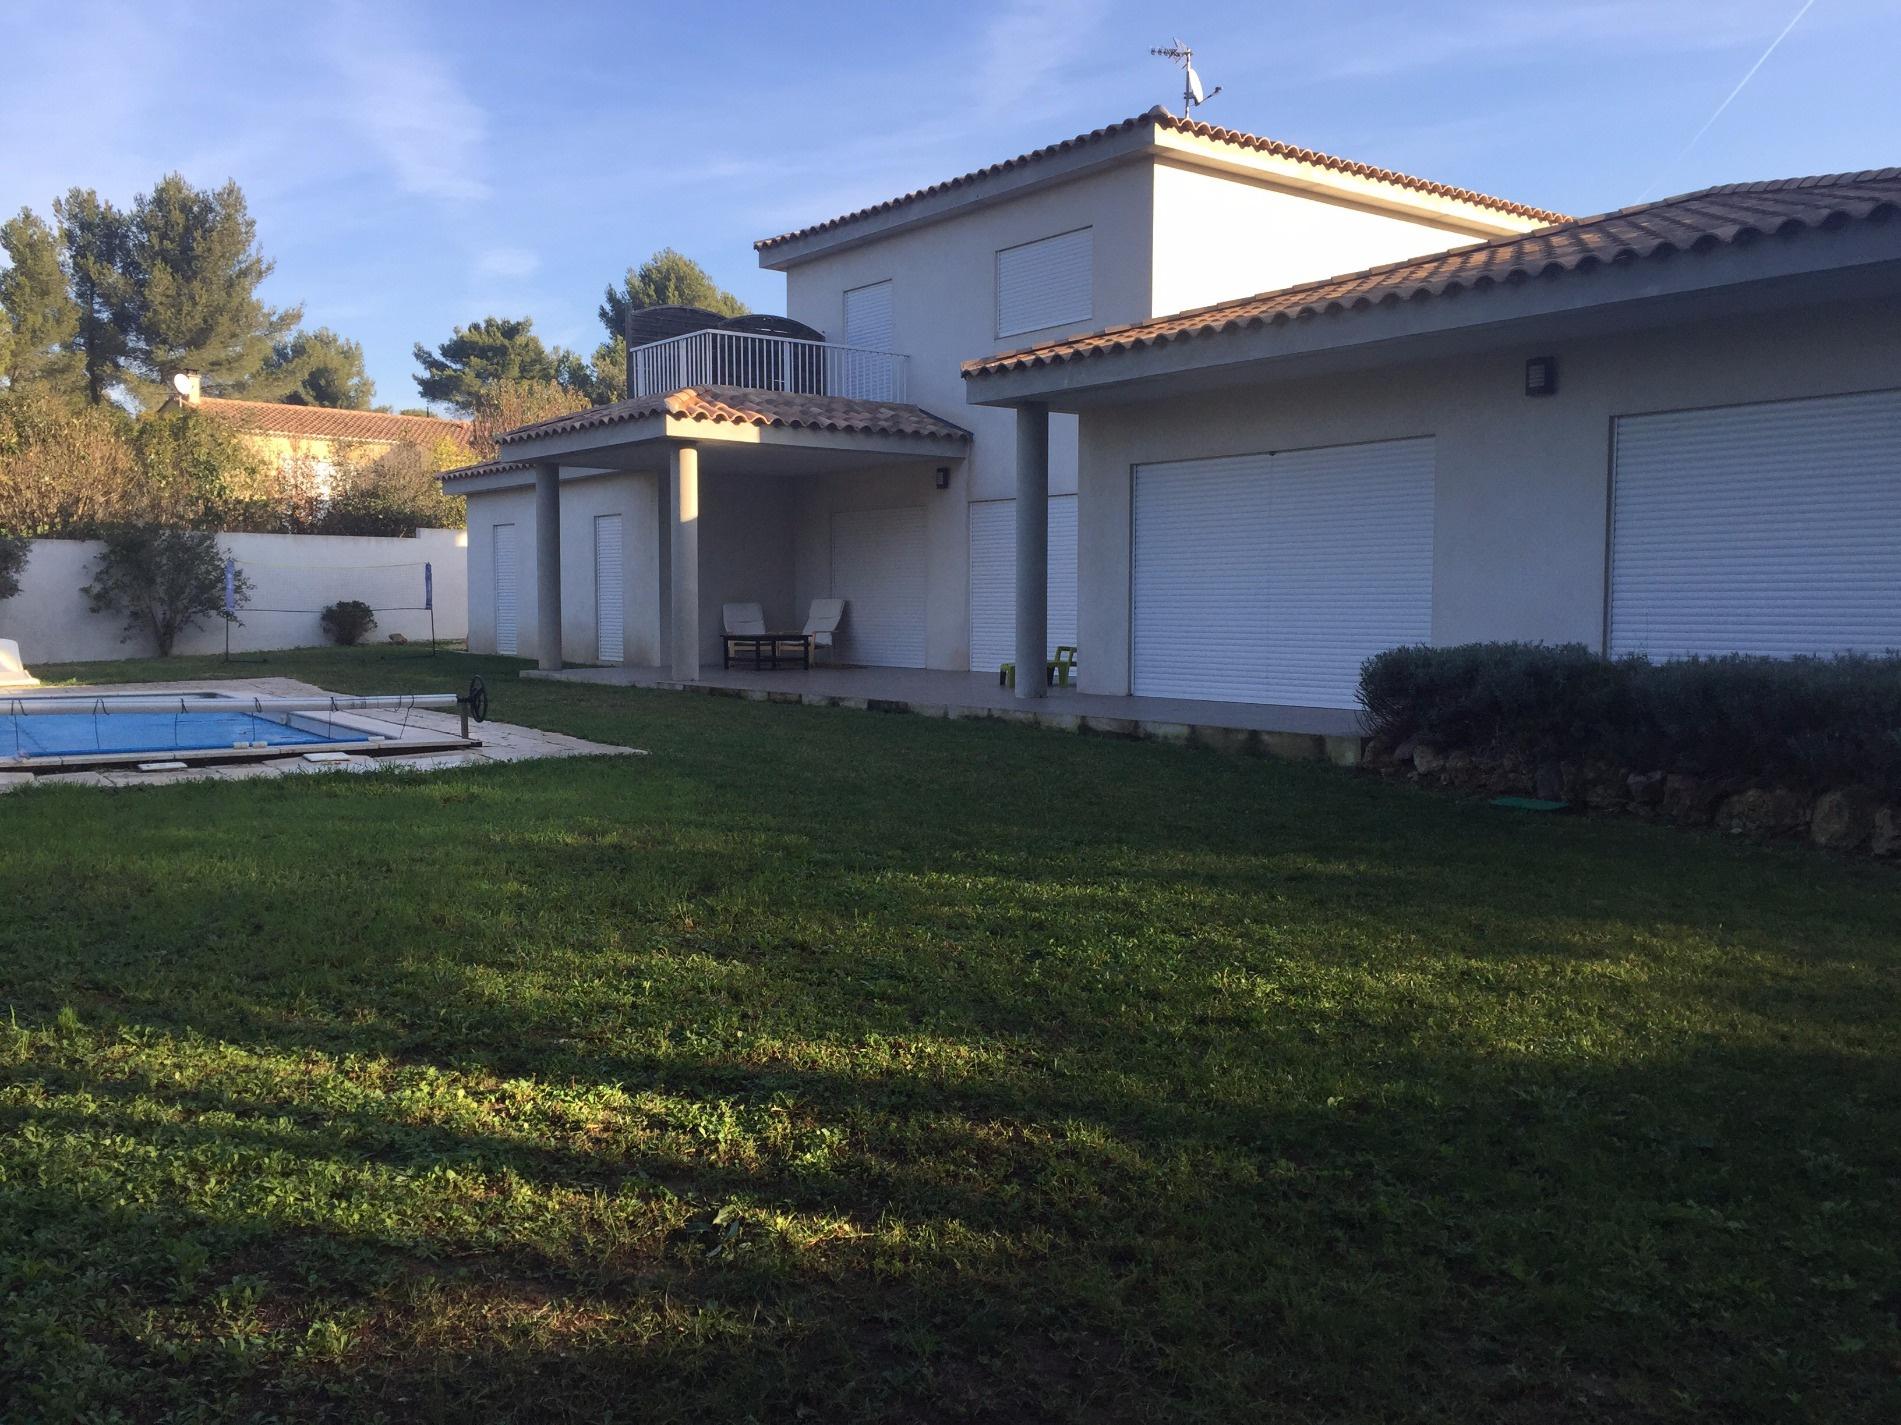 Location maison pointe rouge 13008 marseille for Maison marseille